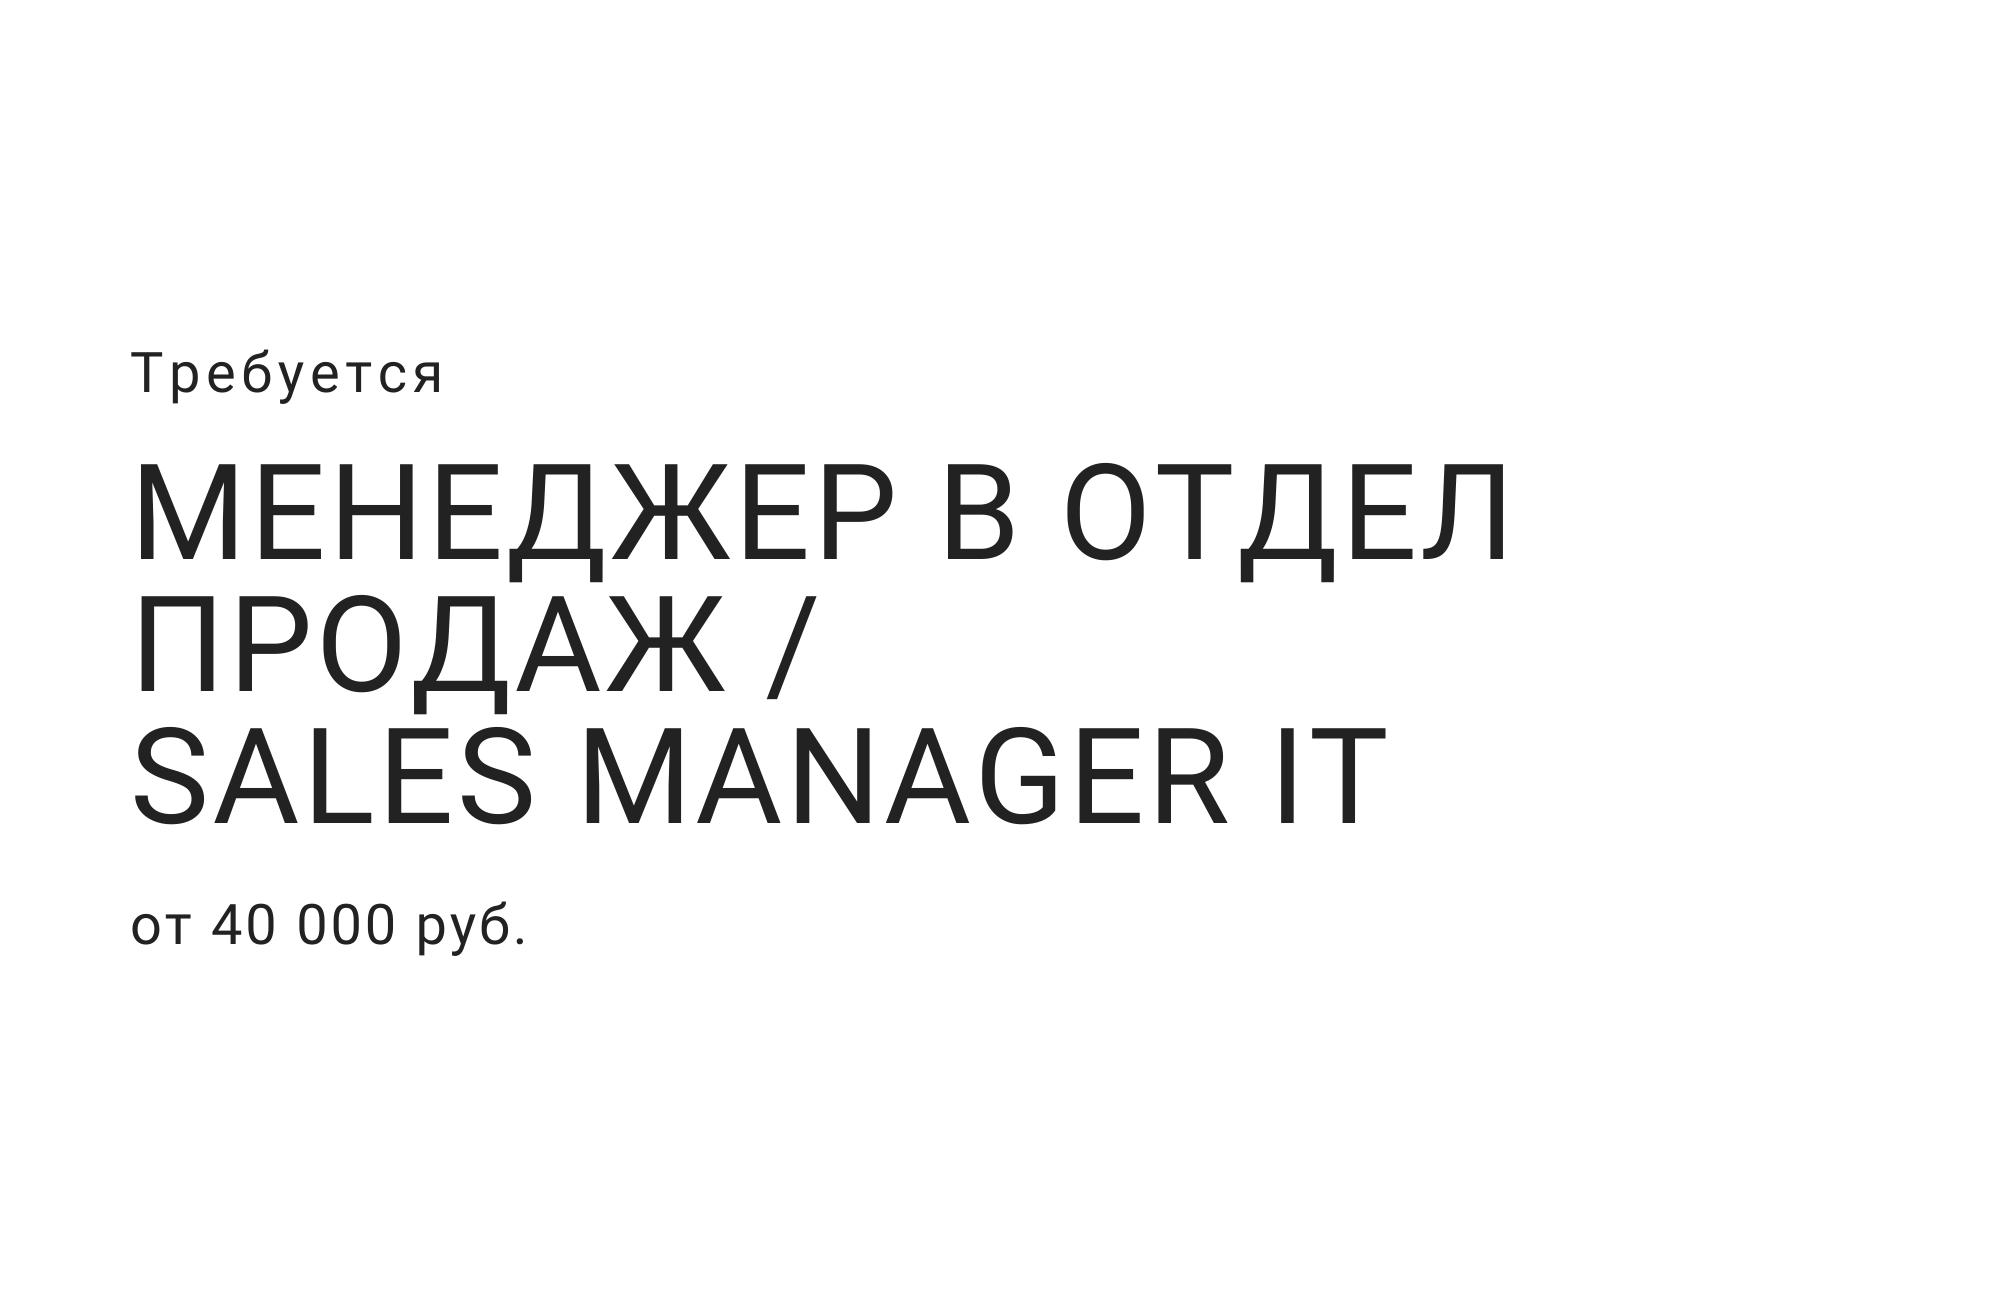 Sales manager IT / Менеджер в отделе продаж IT